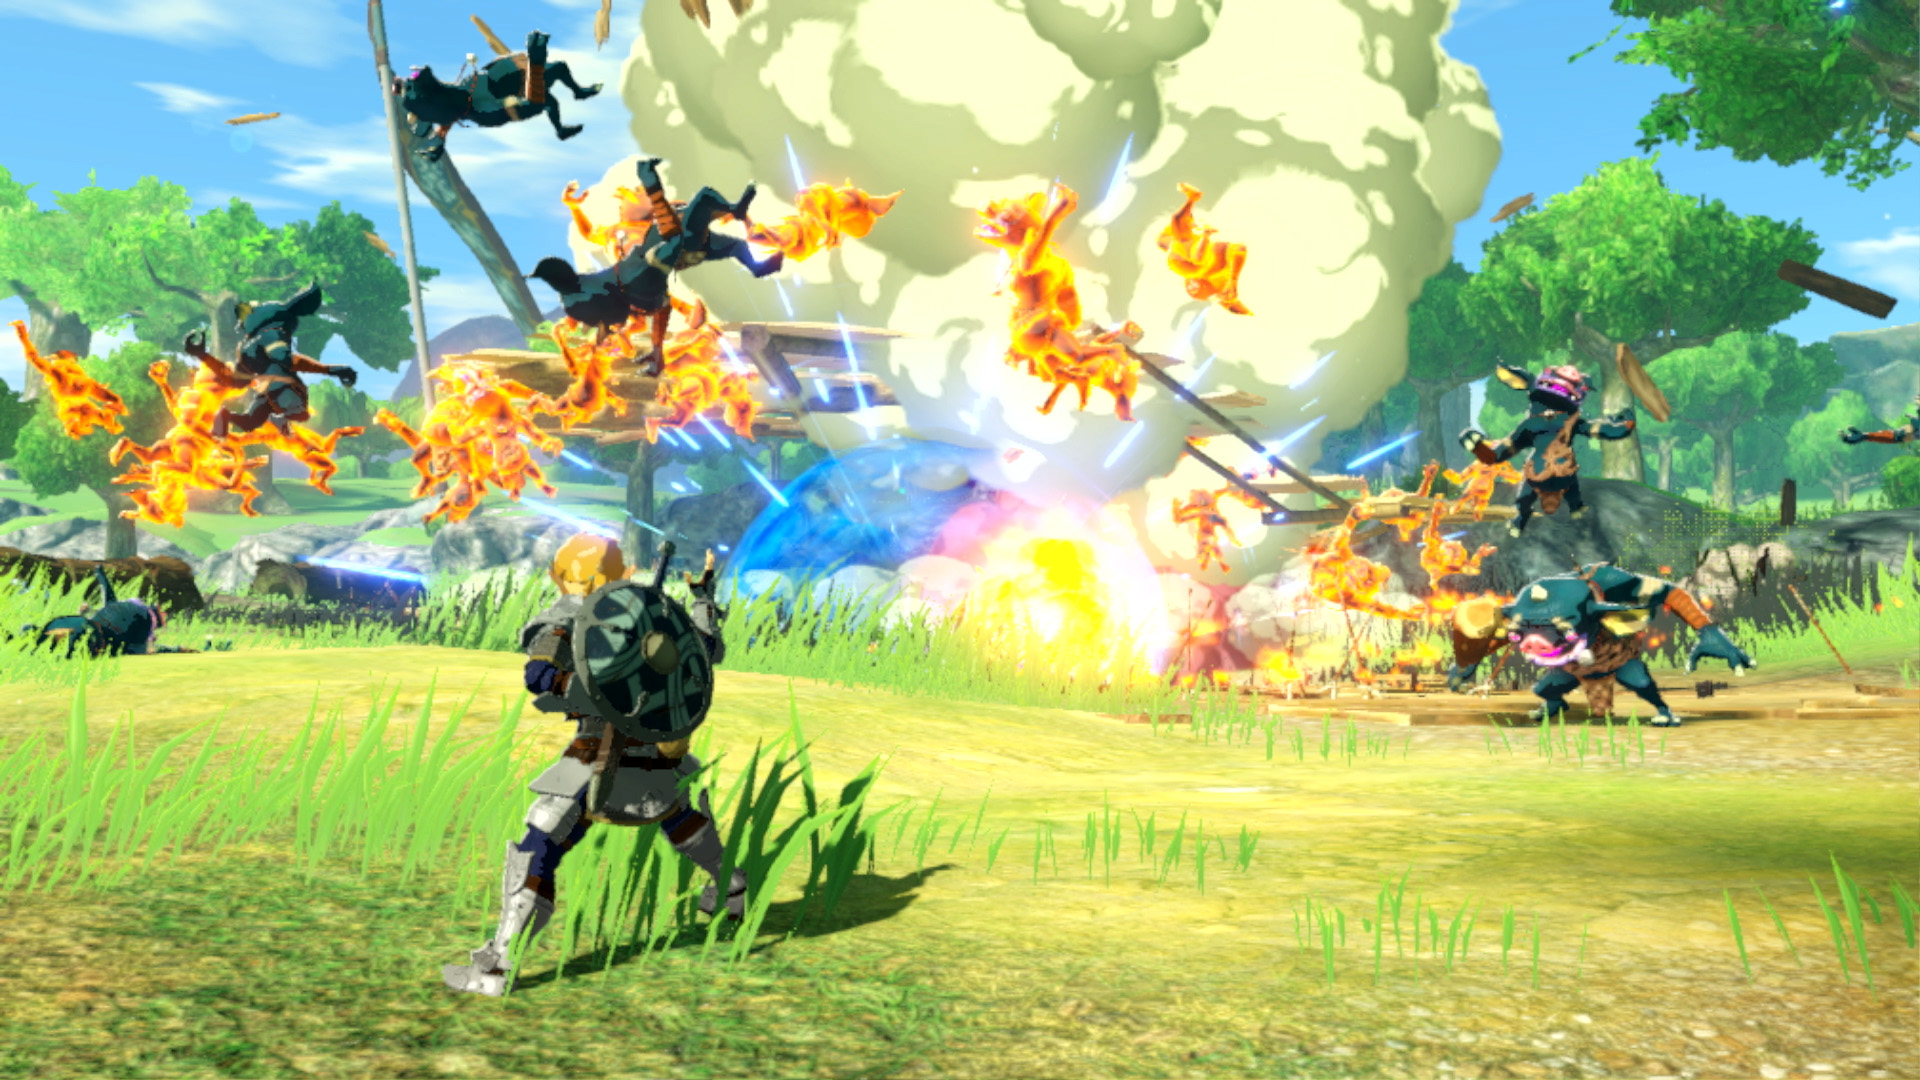 Link kämpft mit dem Schwert, besitzt aber mit Speer und Zweihänder noch zwei weitere, völlig neue Fähigkeiten-Sets.